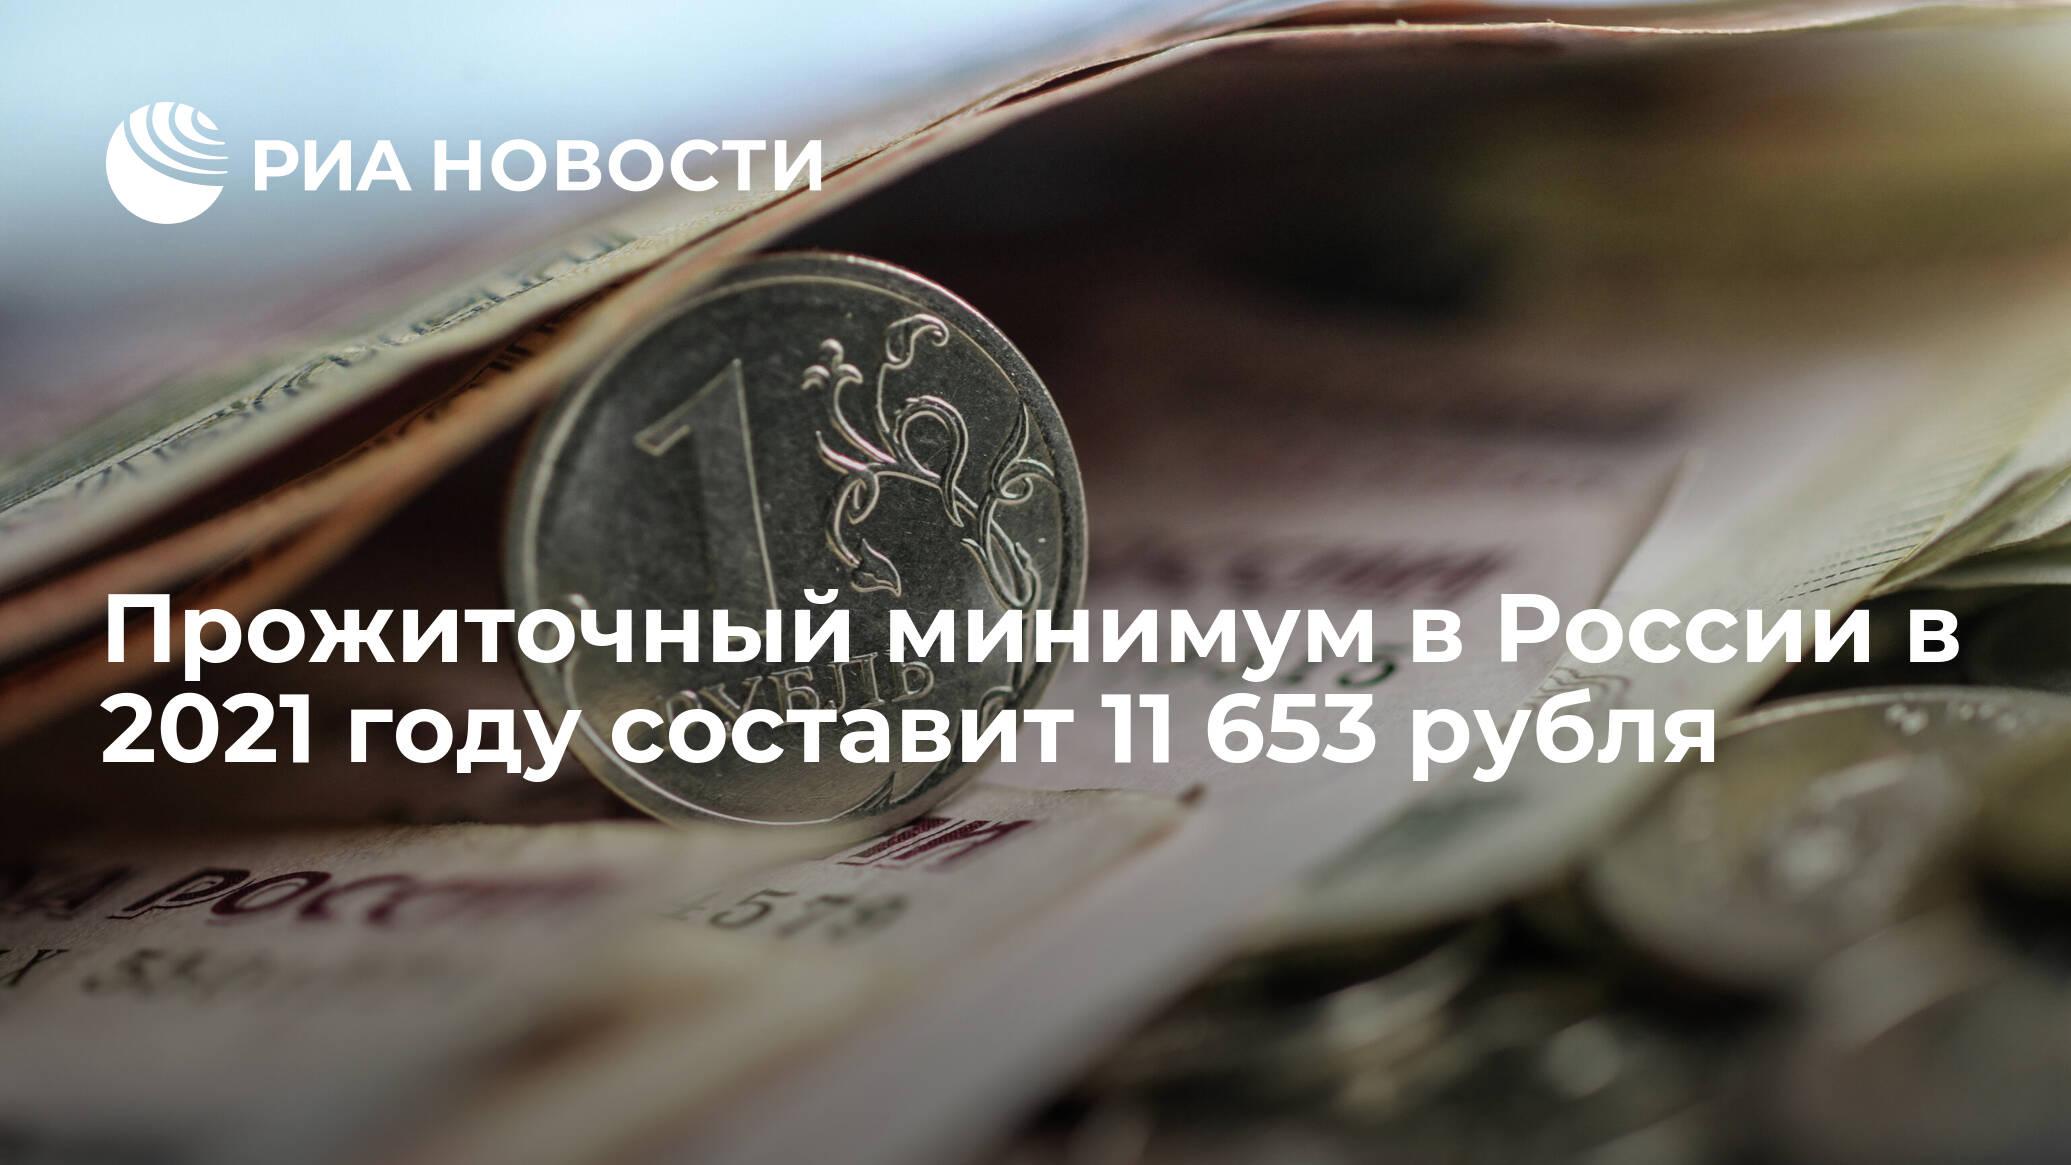 В России установили величину прожиточного минимума на 2021 год - РИА НОВОСТИ